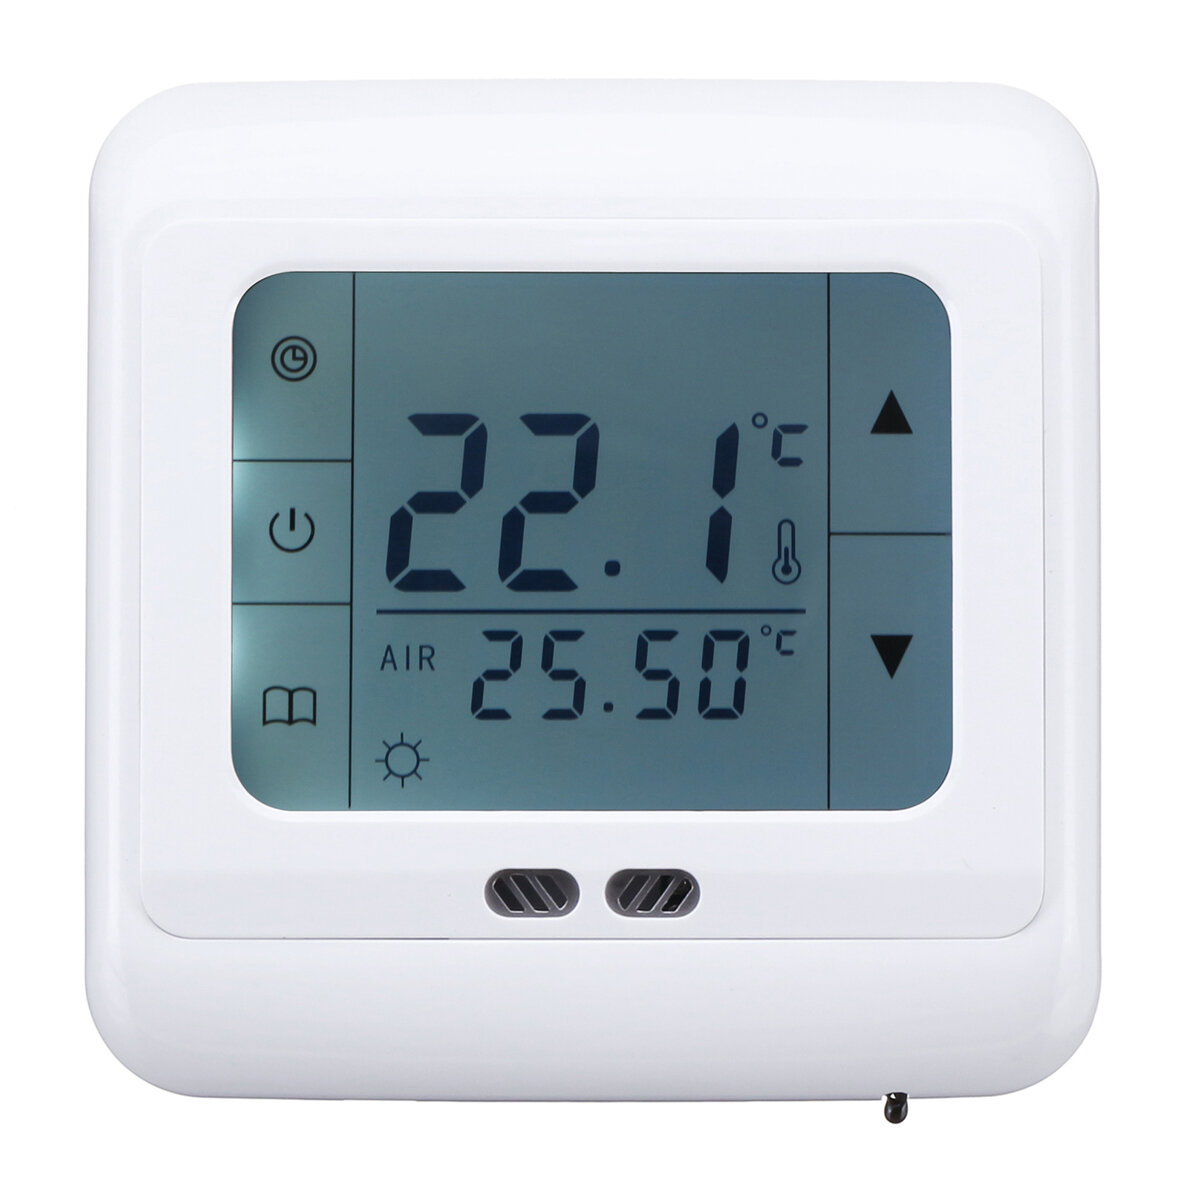 Bộ điều chỉnh nhiệt độ sàn 5 - 35 ° C LCD Bộ điều khiển nhiệt độ lập trình thông minh AC 220 V